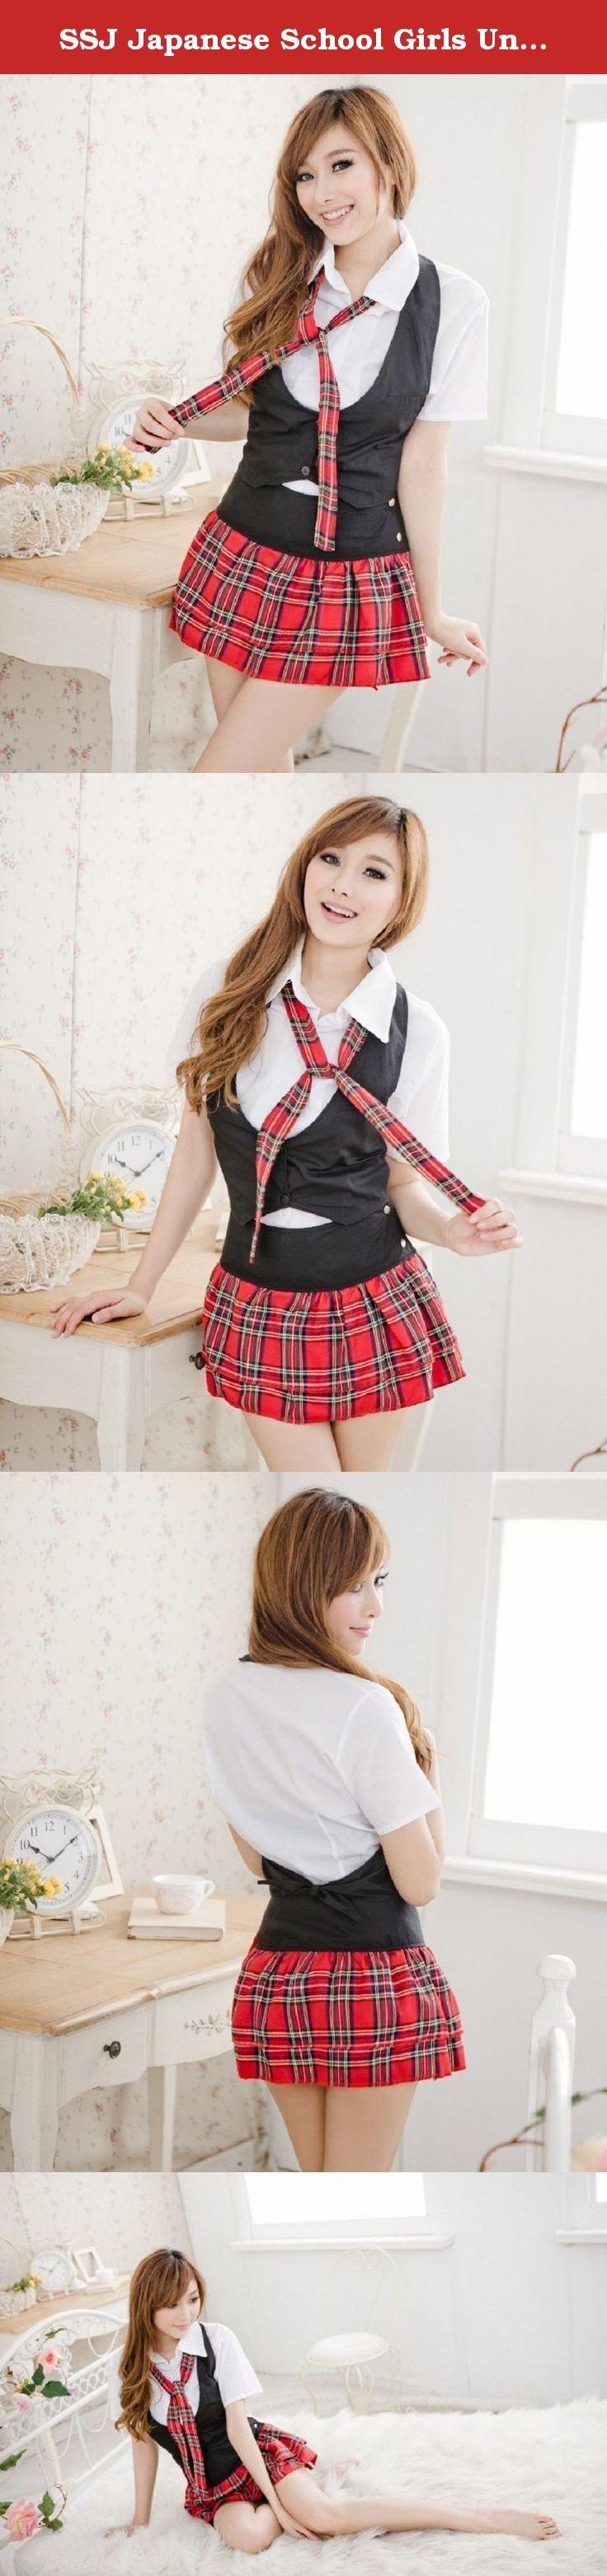 School girl cosplay ideas-2550